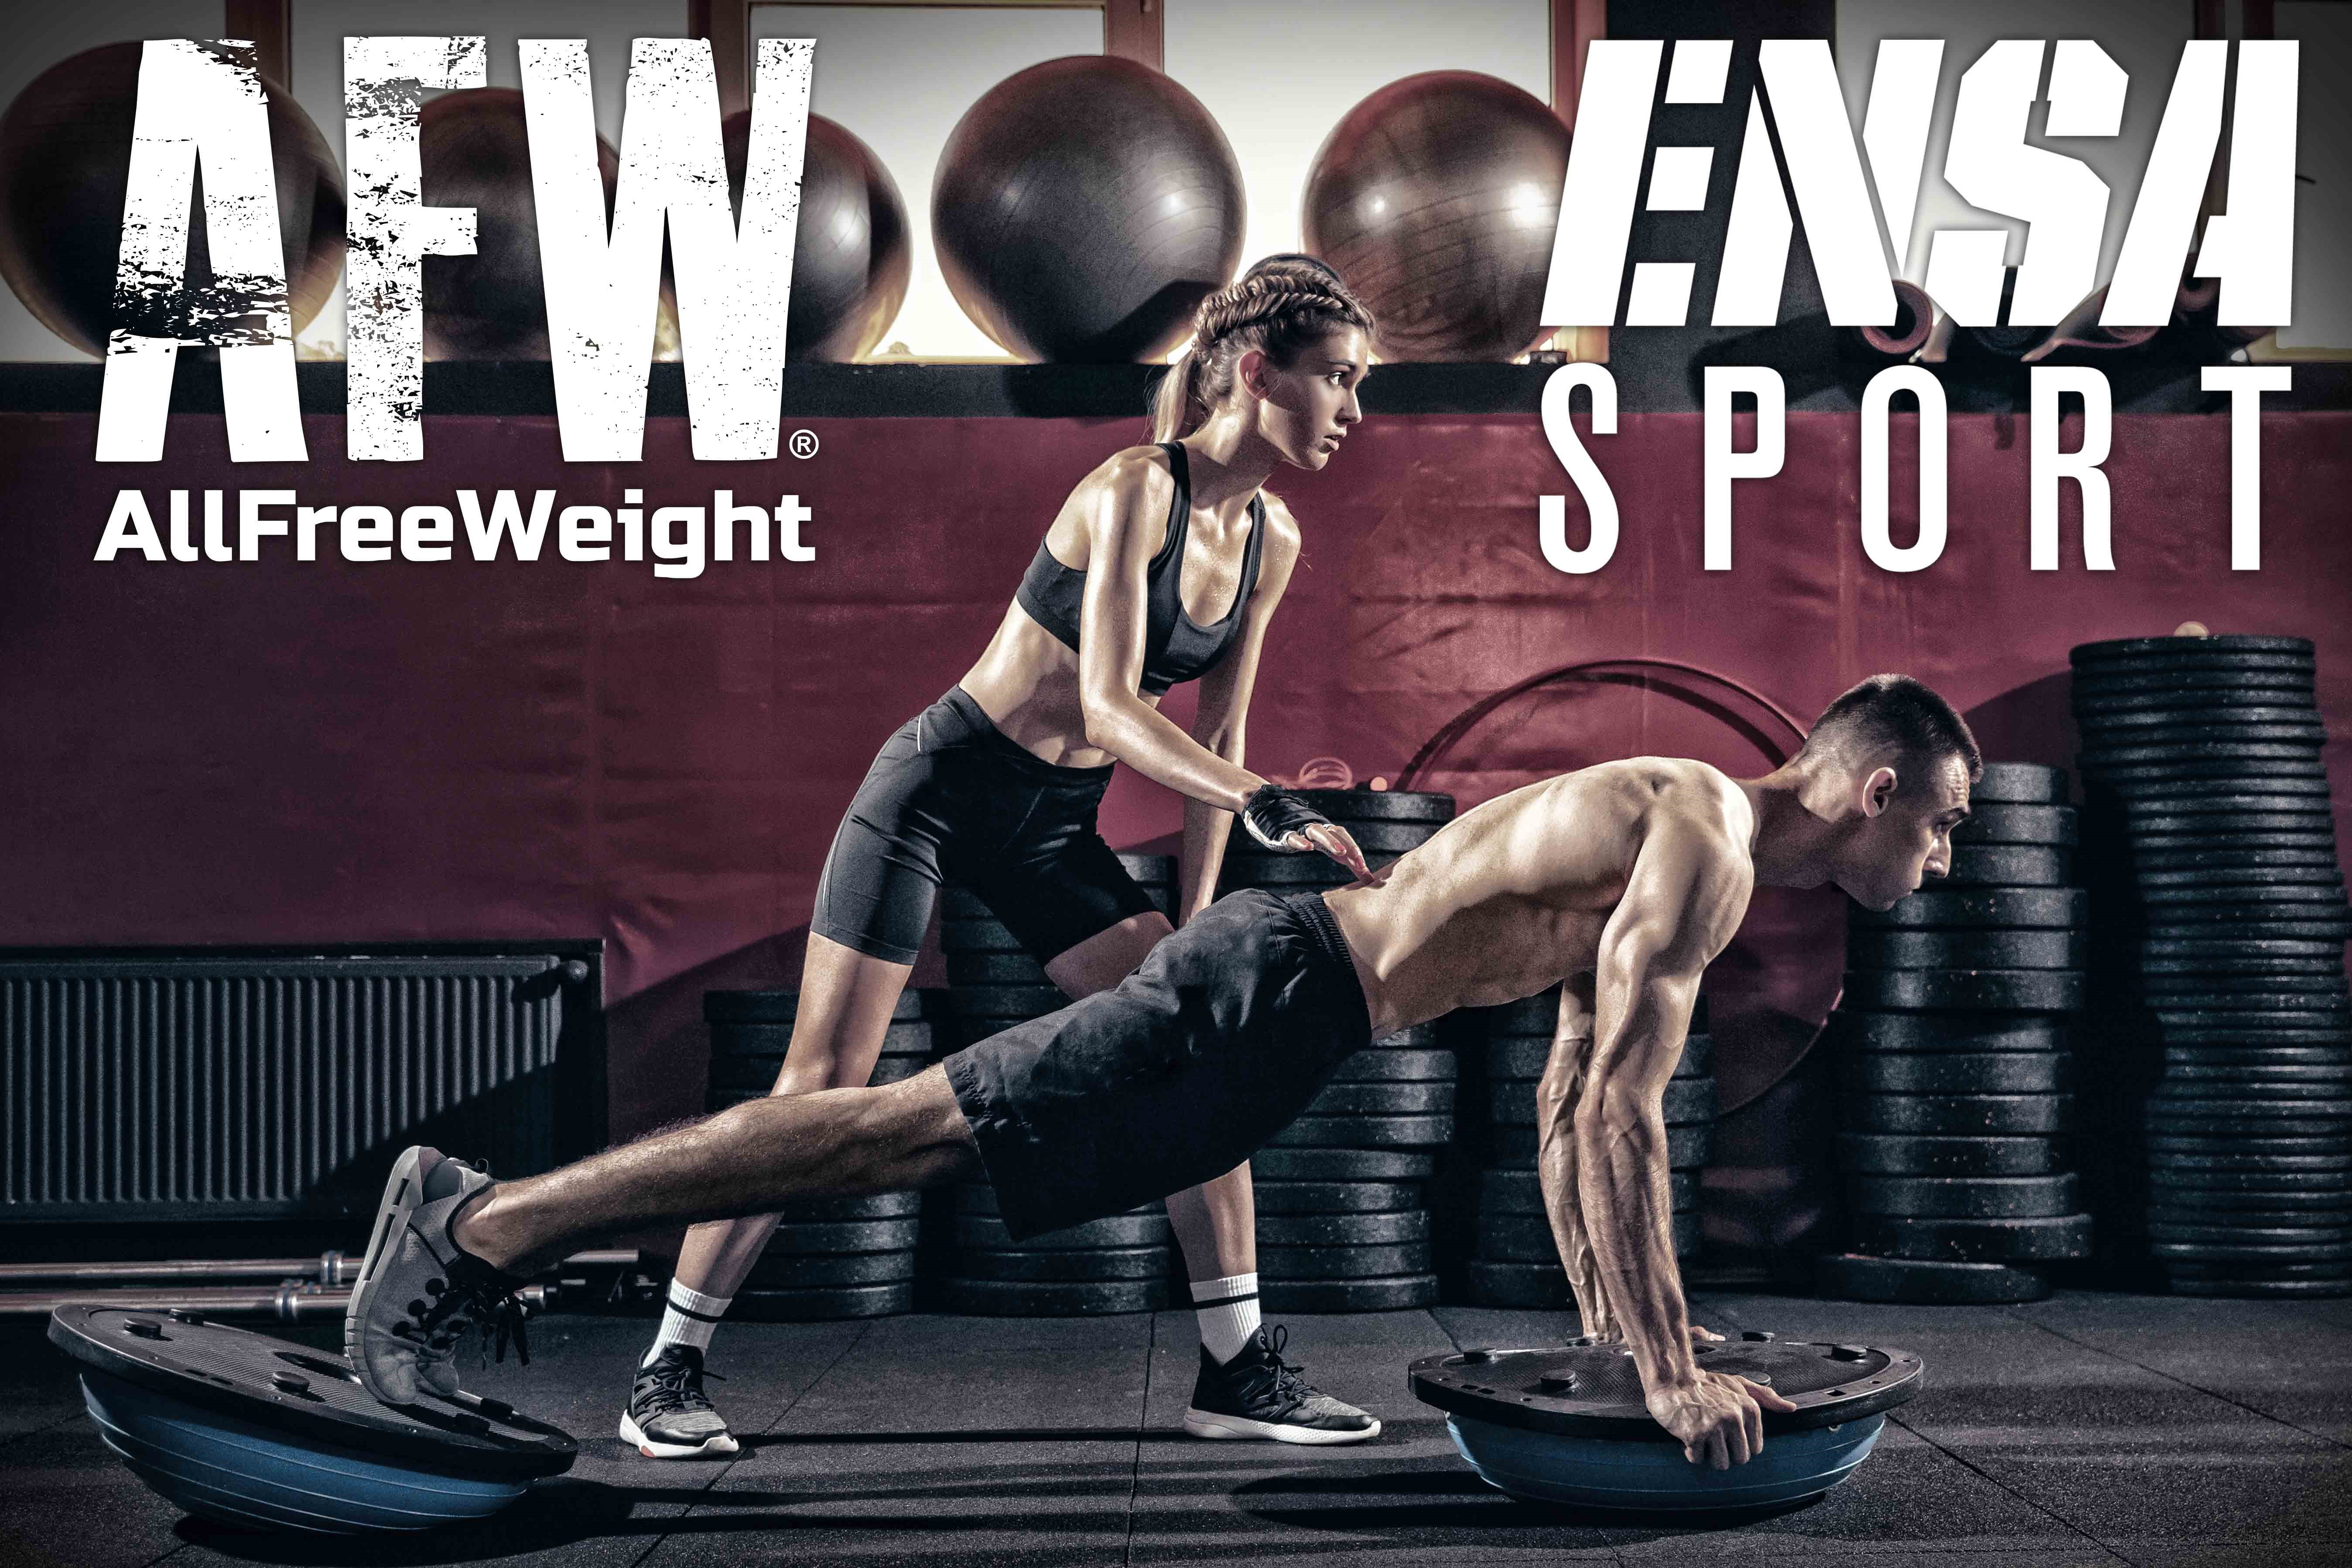 Oss Fitness y Ensa Sport firman un acuerdo de colaboración y patrocinio